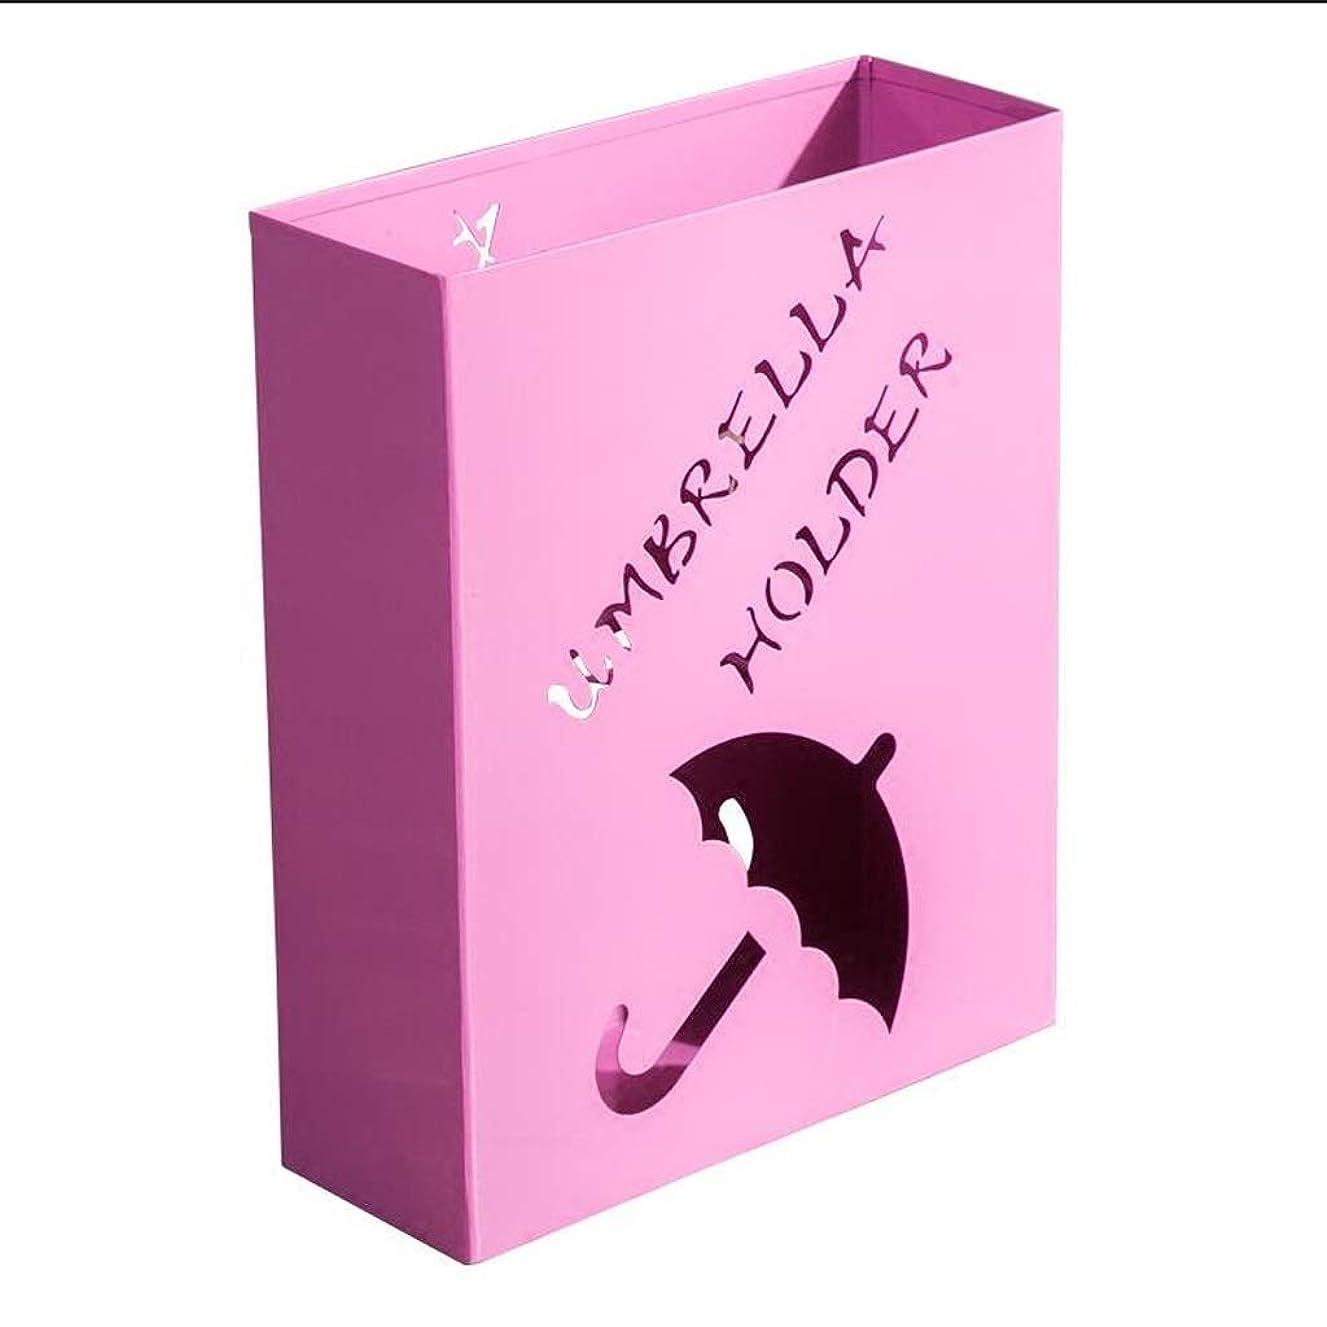 内陸無限大ラダロビー傘錬鉄収納ラック/家庭用傘置き収納バケット/ホームランディング傘立て/WSWQWQ (Color : Pink)